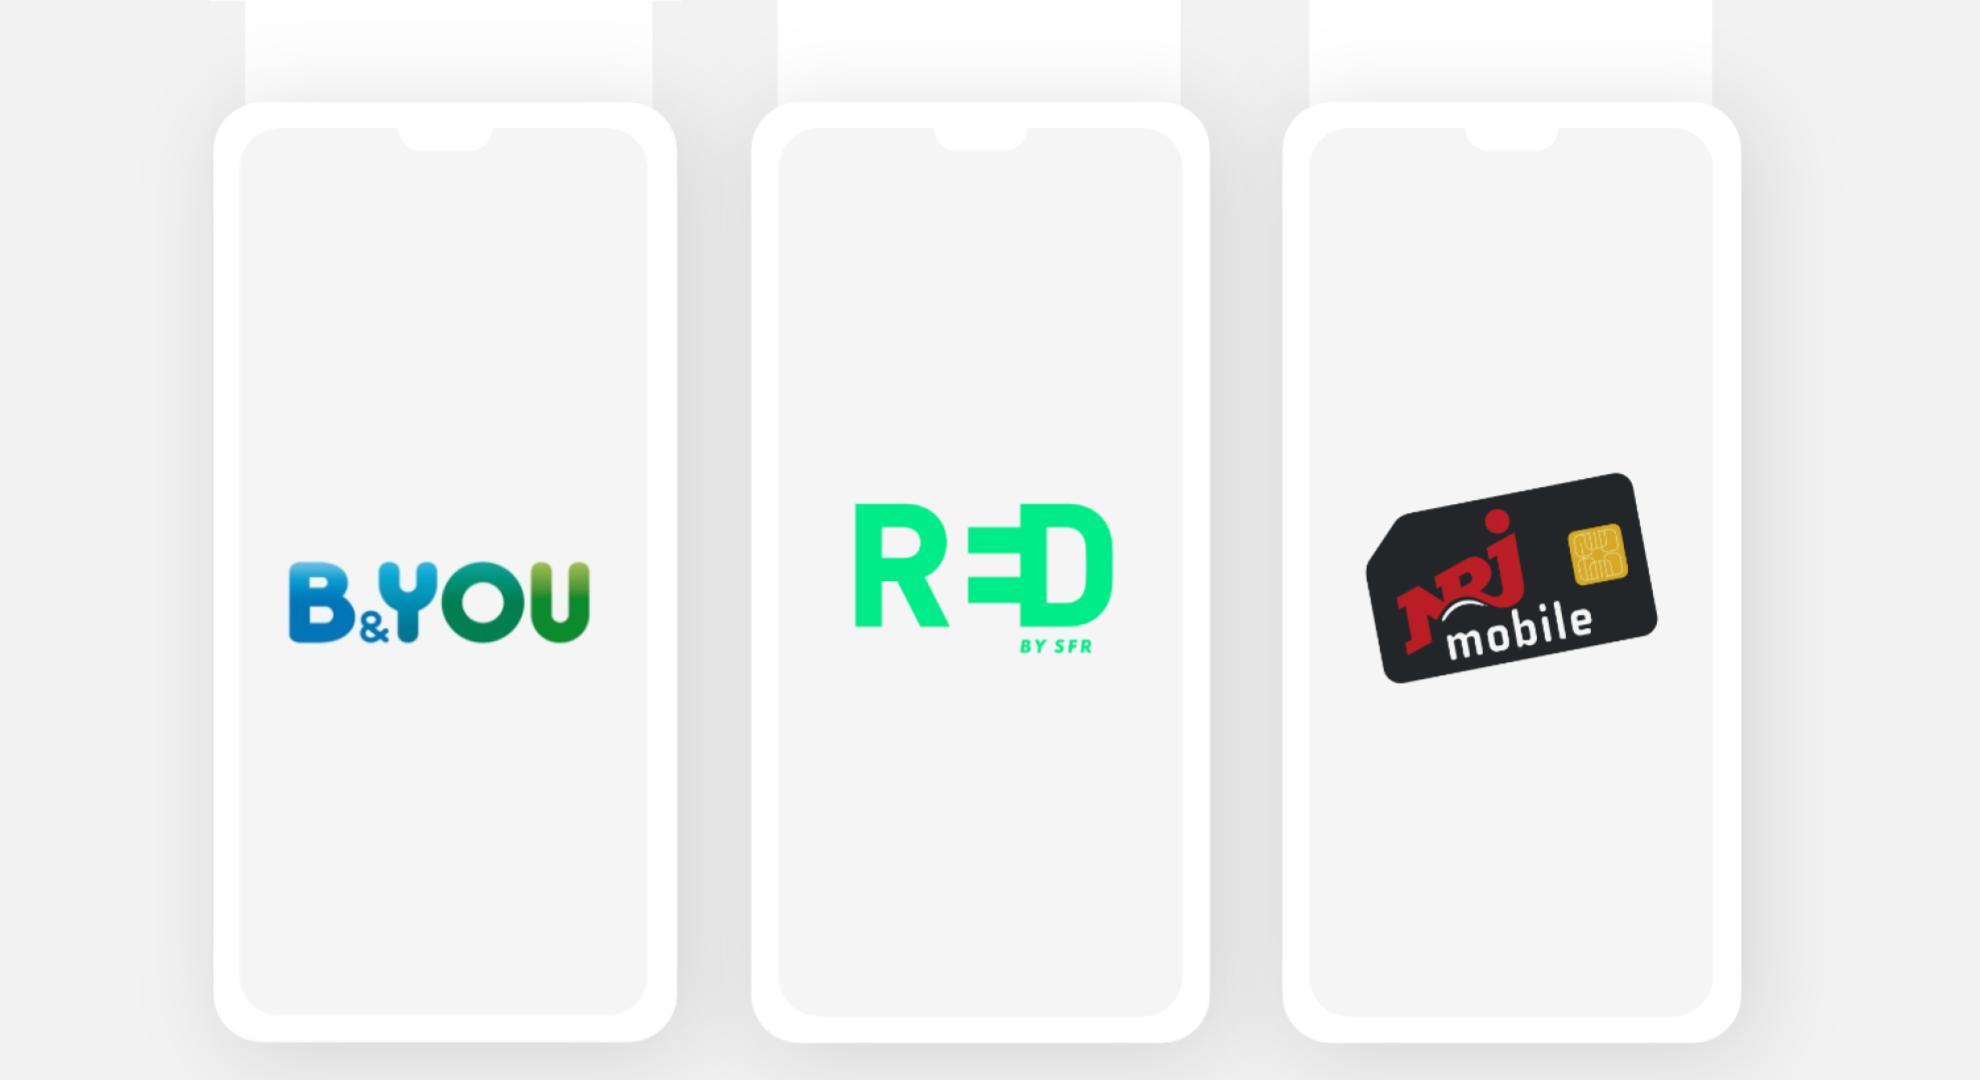 🔥 Forfait mobile : derniers jours pour profiter des offres RED, Bouygues et NRJ Mobile jusqu'à 100 Go